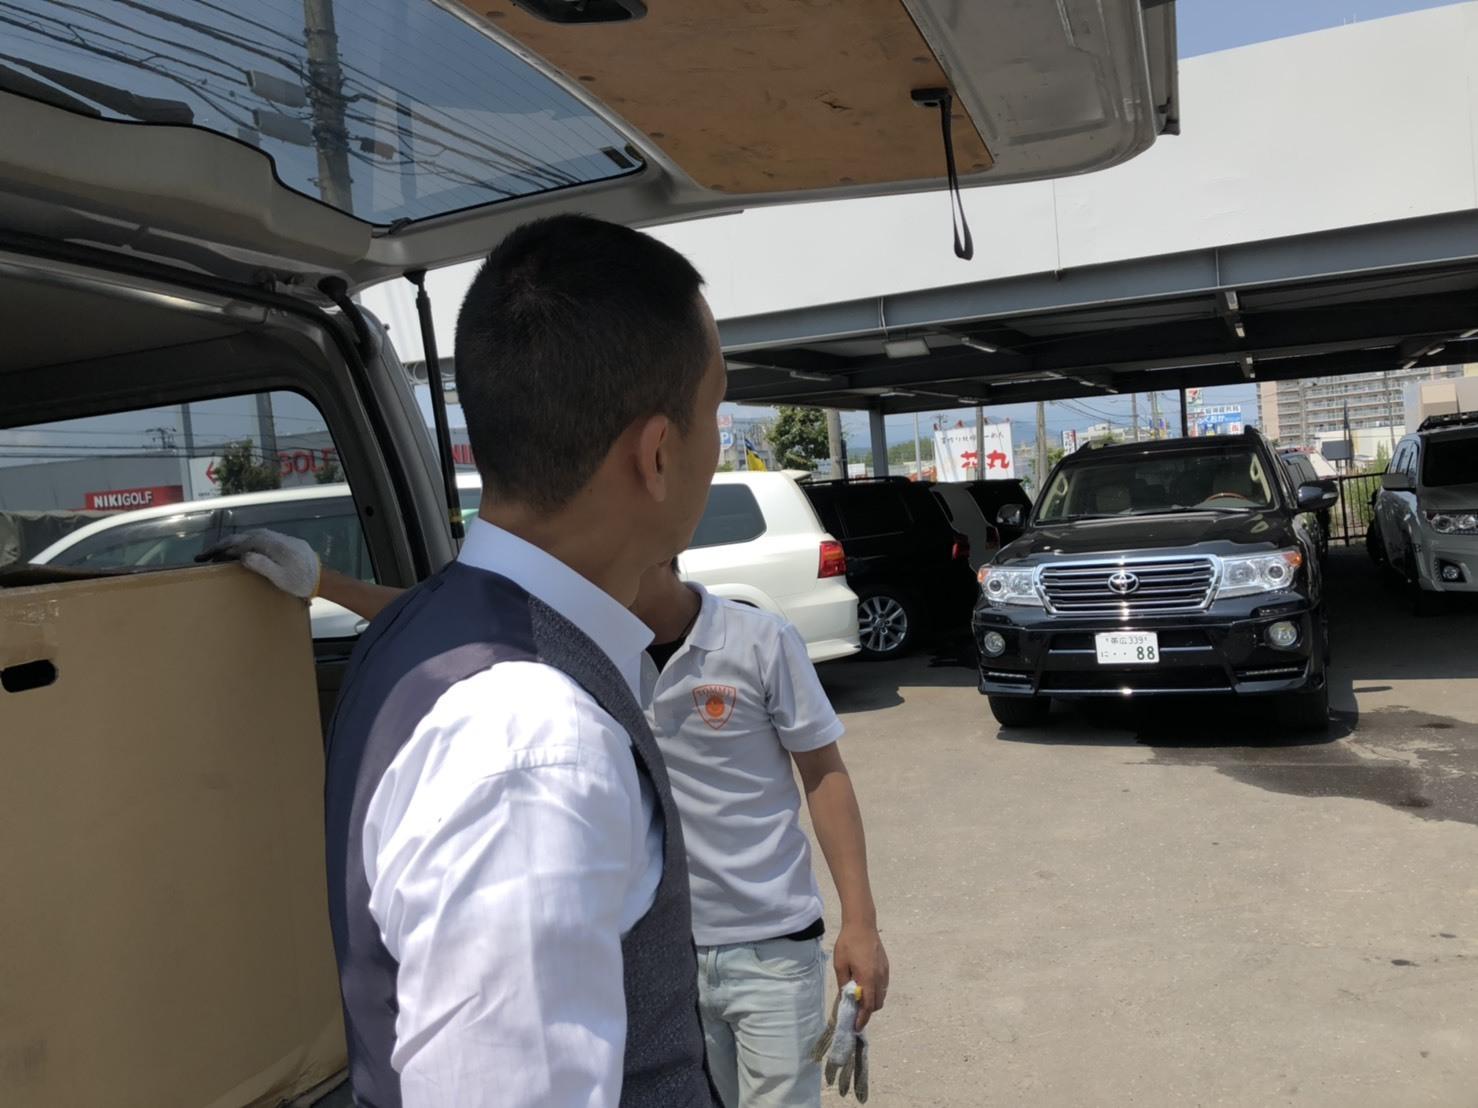 7月10日(水)本店ブログ♪LX570 4WD☆ワンオーナーあります! ランクル ハマー アルファード _b0127002_18485473.jpg